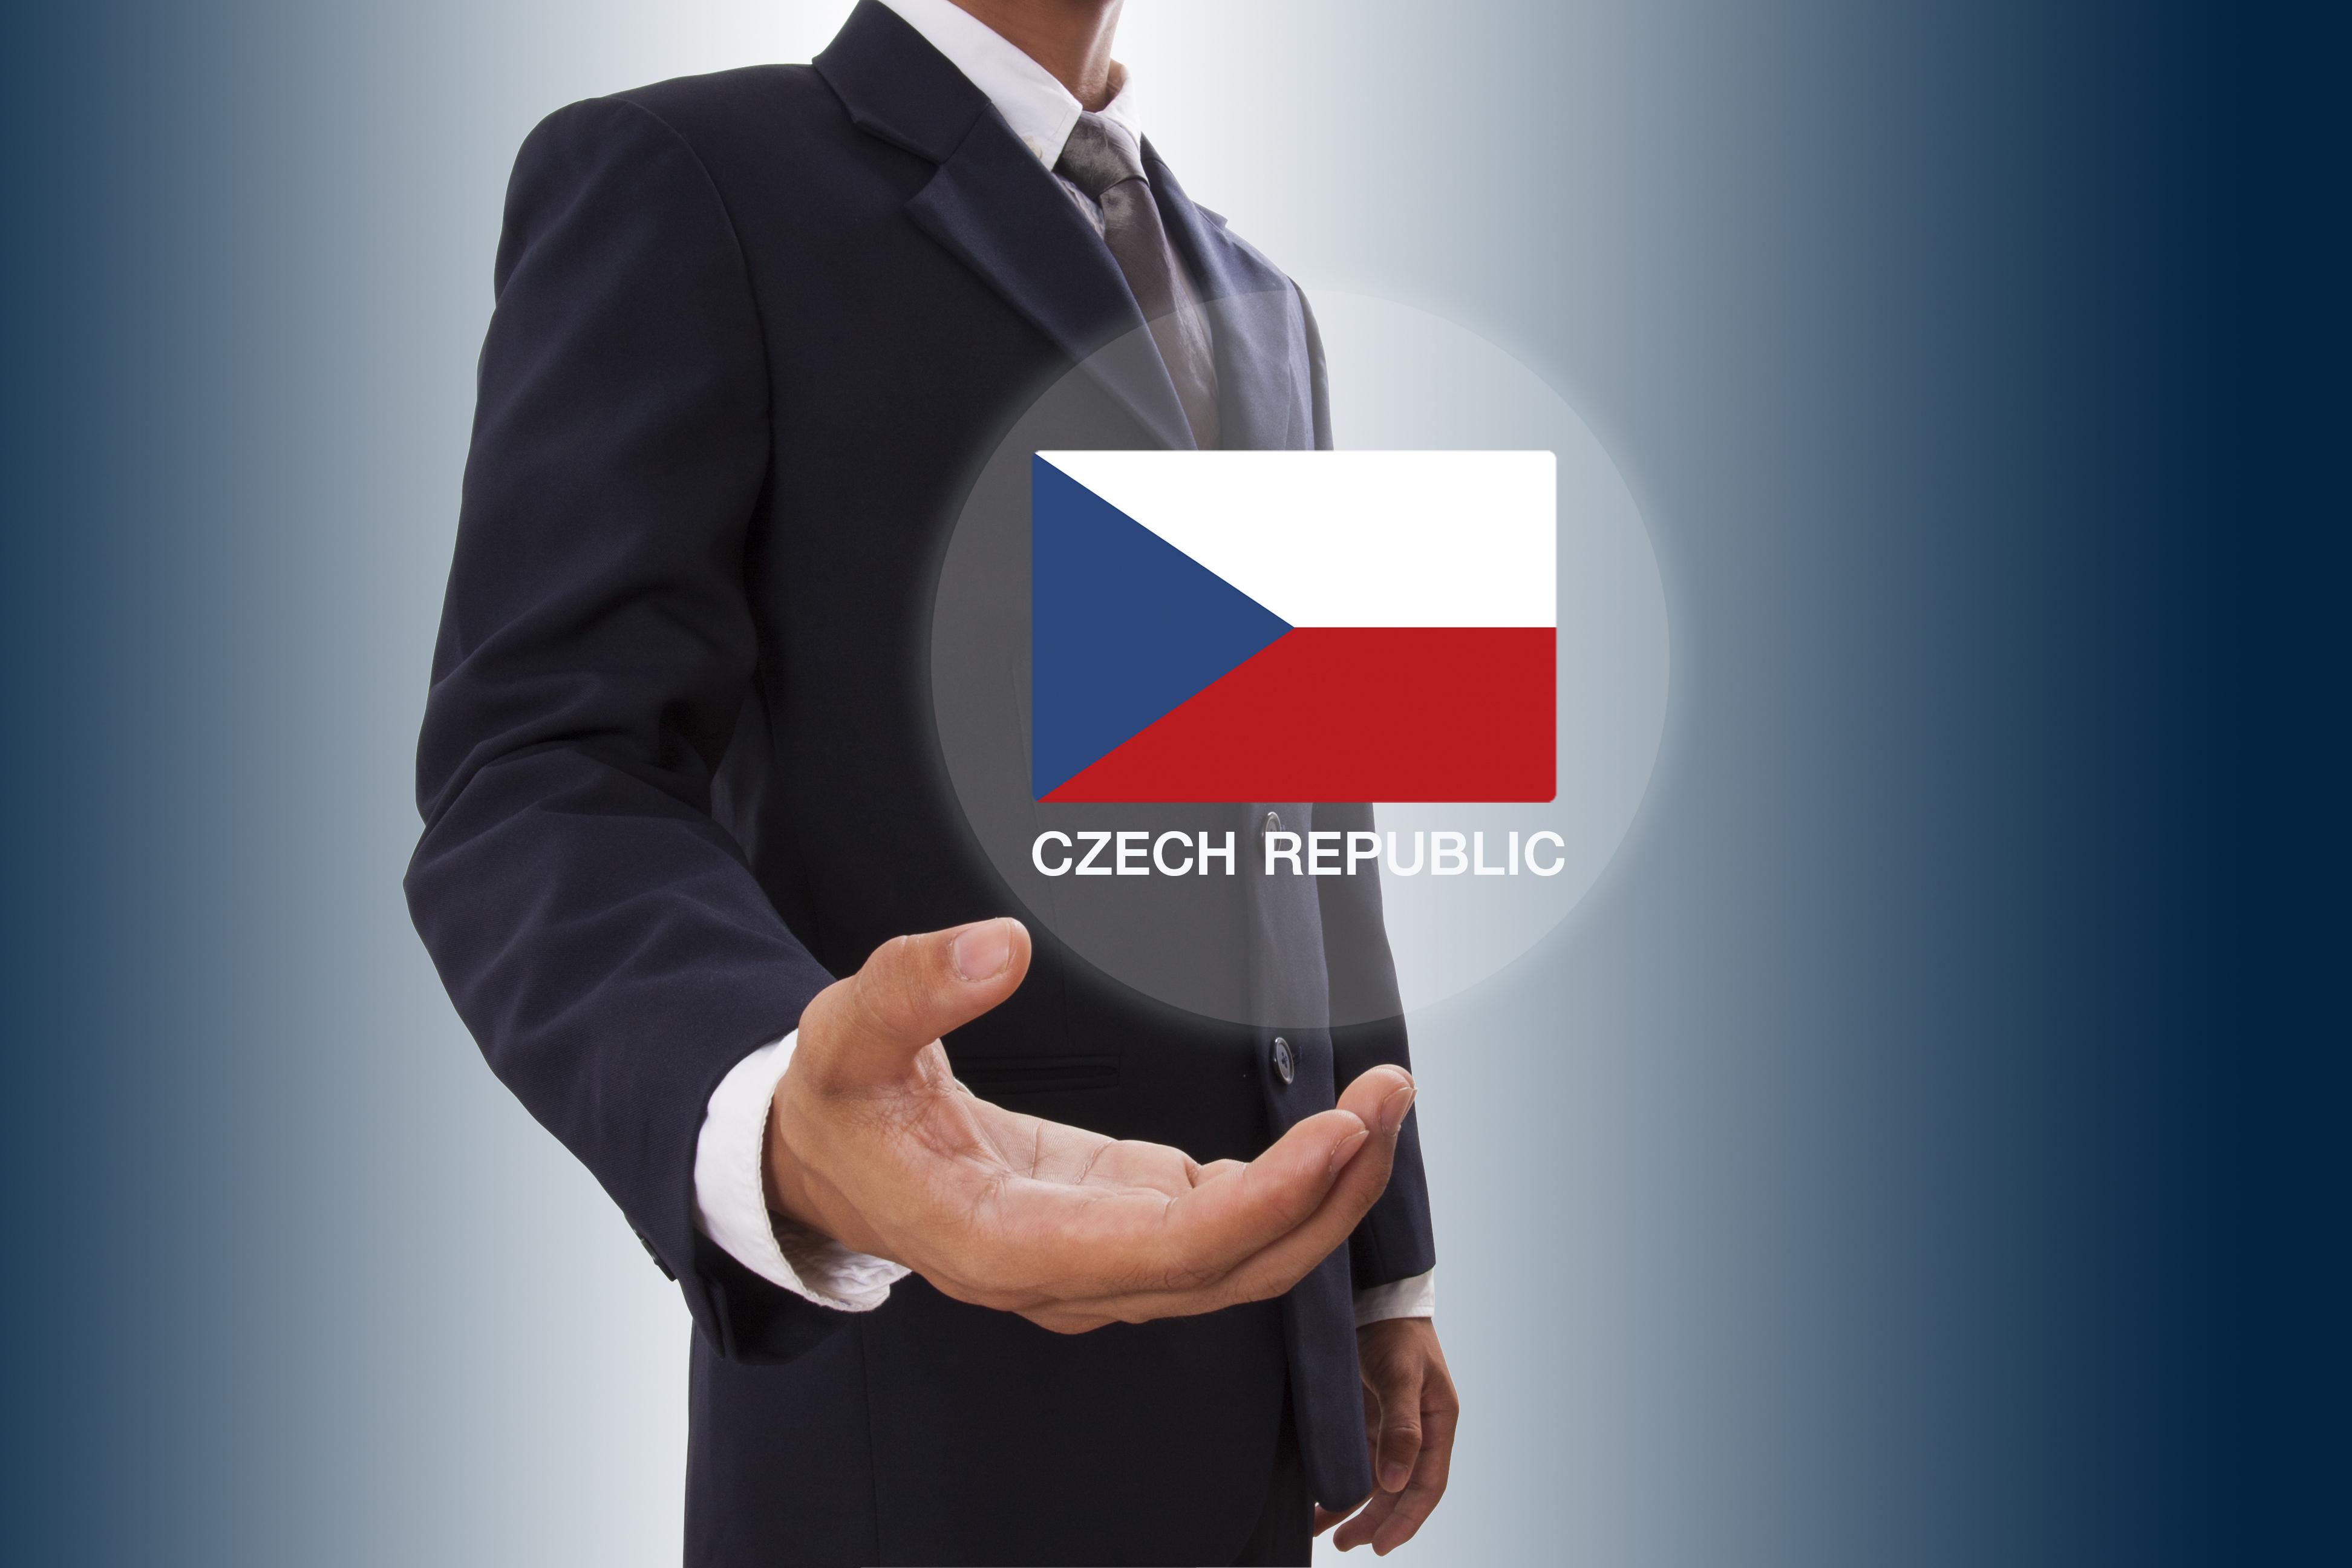 Мужчина и флаг Чехии, где высококвалифицированные специалисты могут оформить Голубую карту